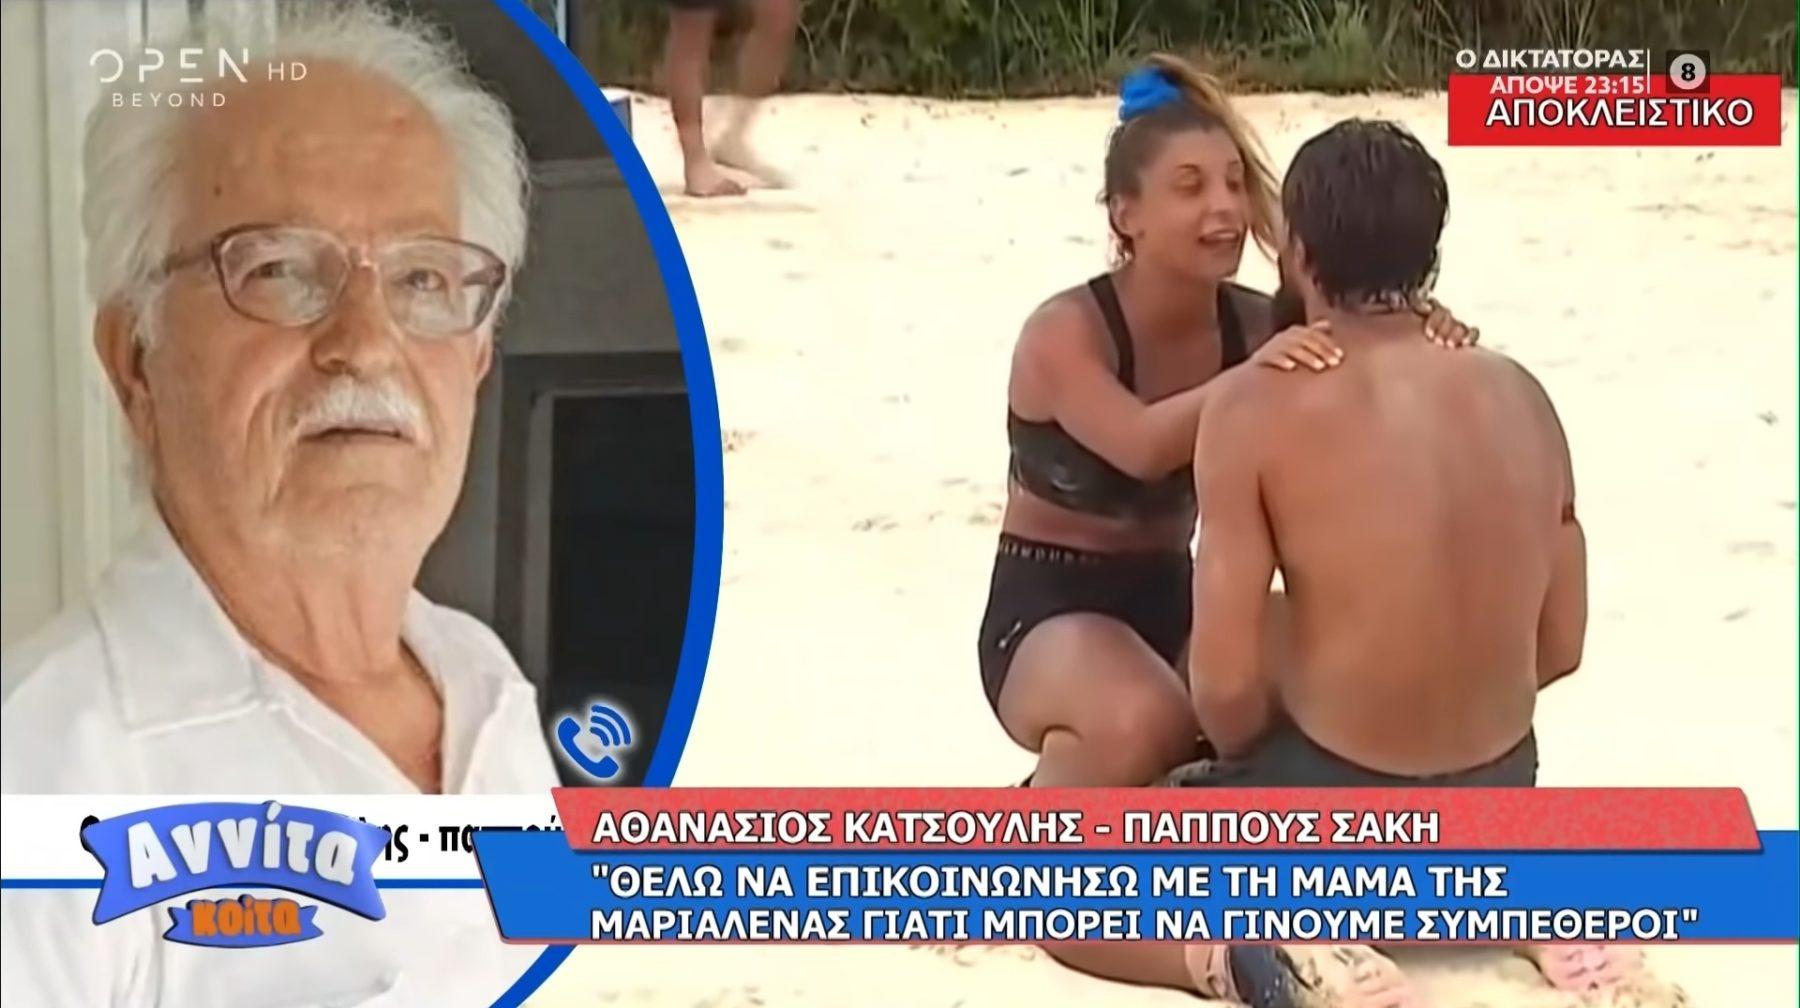 """Απίστευτο ξέσπασμα από τον παππού του Σάκη Κατσούλη: """"O Σάκης ήθελε μόνο τα λεφτά μου"""""""